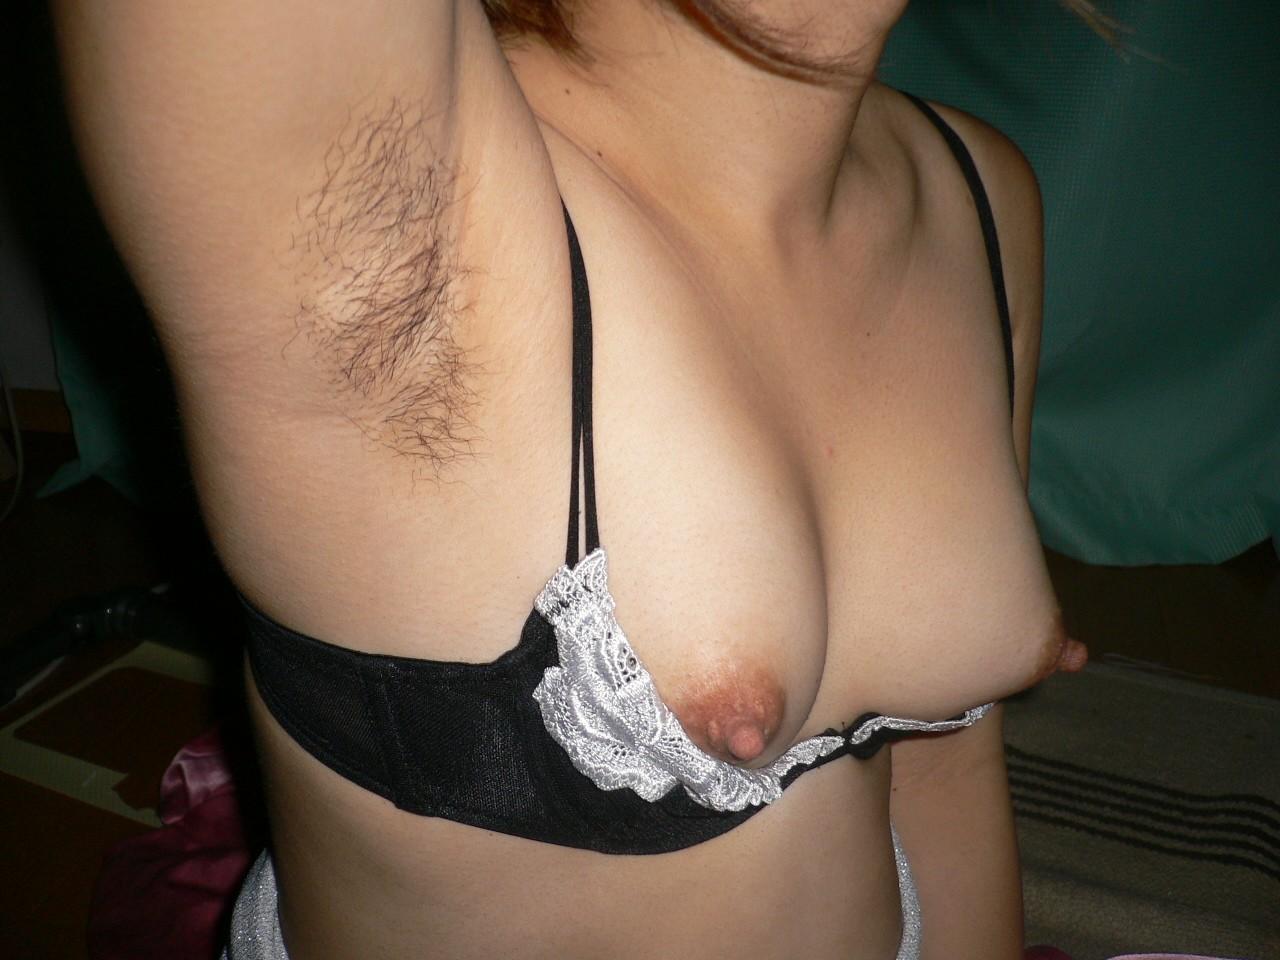 【腋毛エロ画像】どんなに美乳でもこの存在に持ってかれるw存在に賛否が問われる女の腋毛www 01